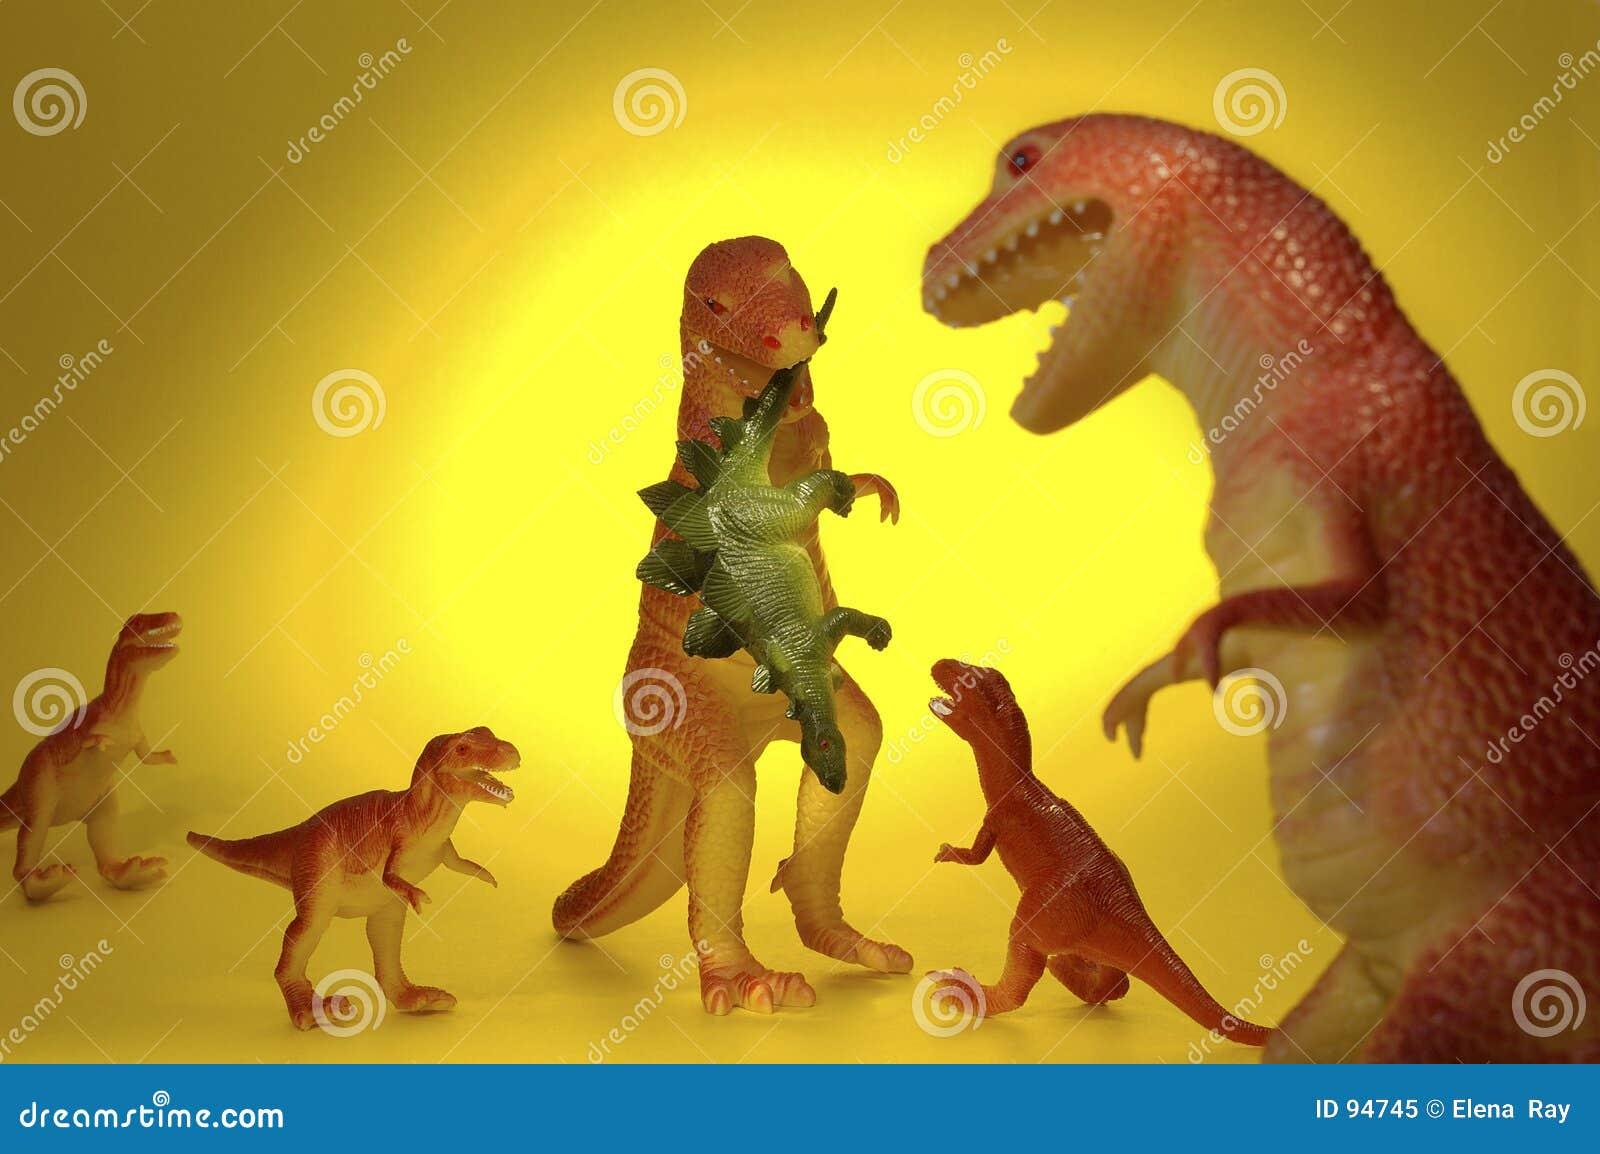 Dinosaur family dinner royalty free stock photo image 94745 for T rex family